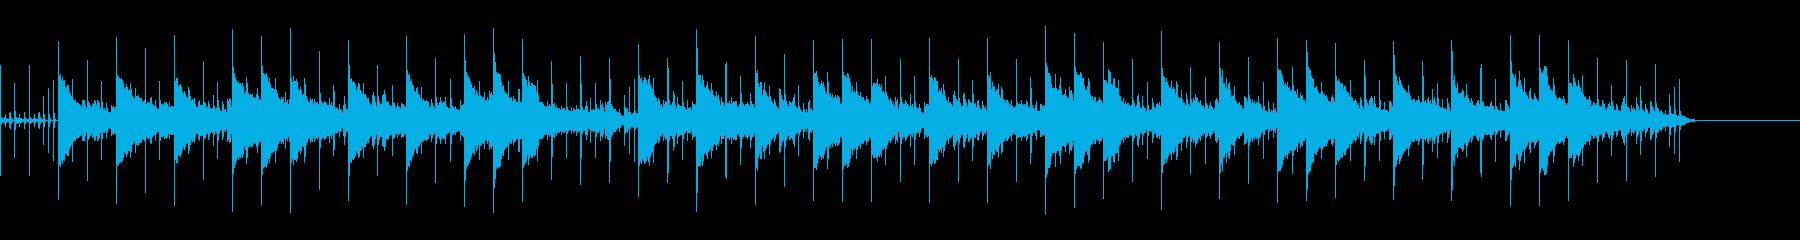 寂しい雰囲気のBGM(6/8)の再生済みの波形